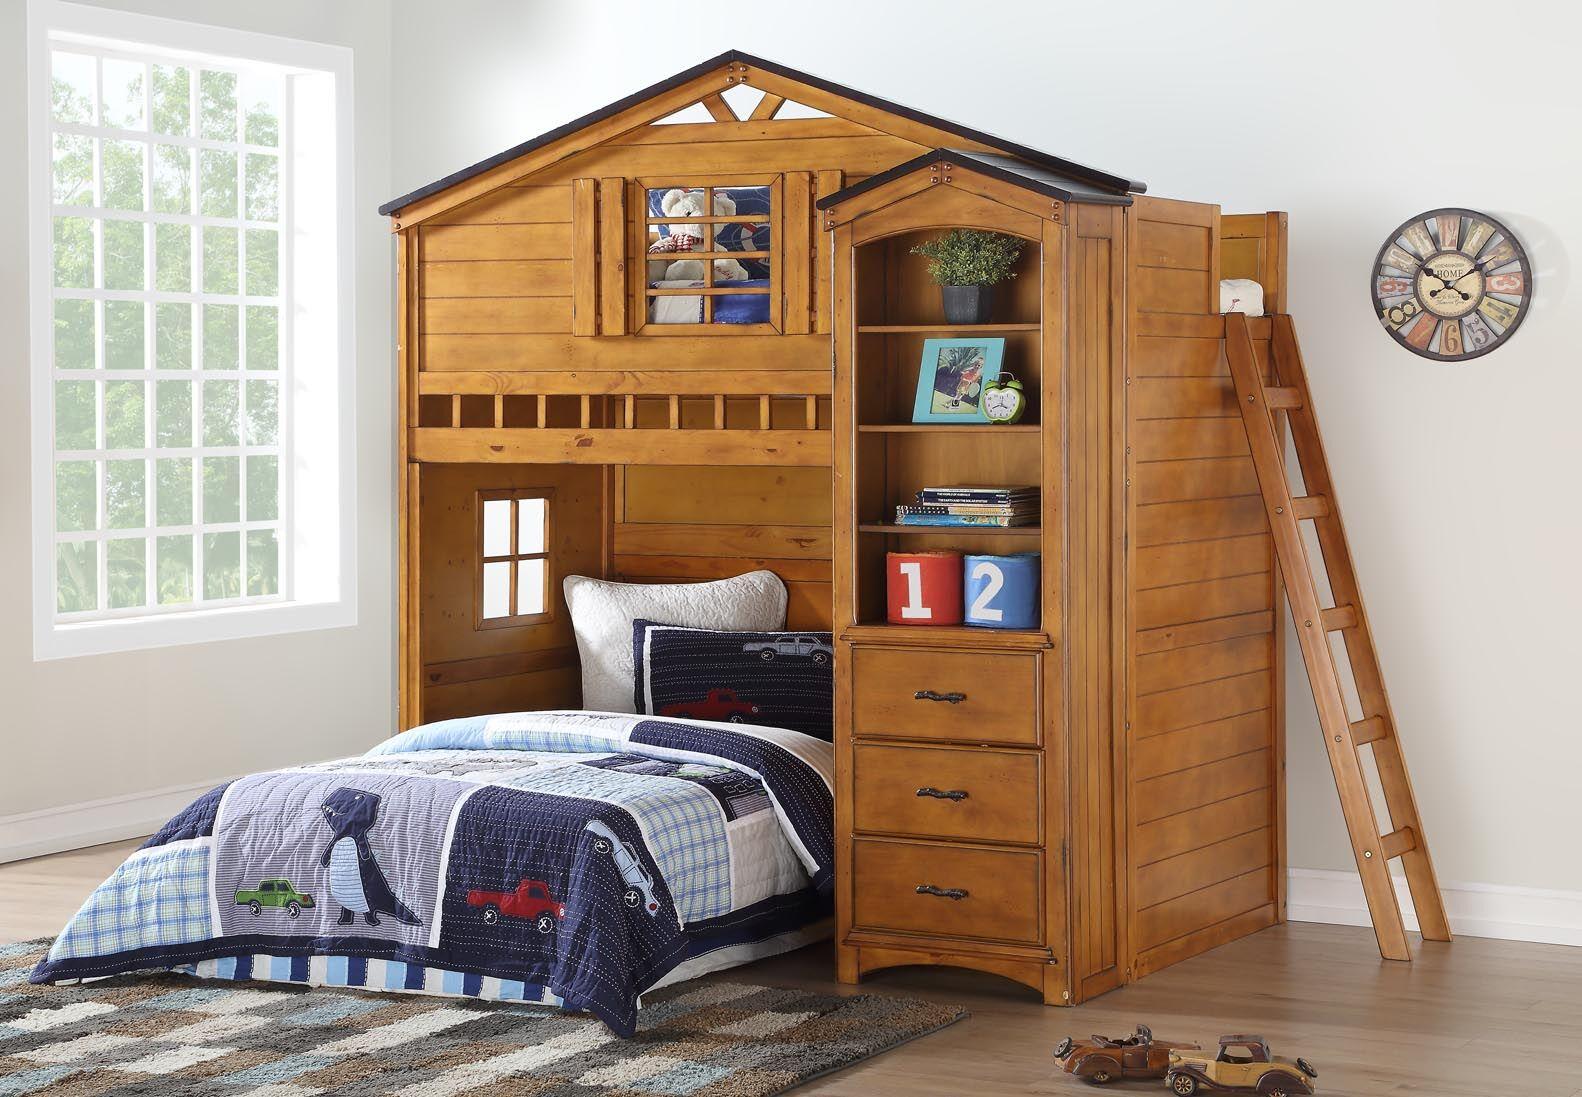 Tree House Rustic Oak Finish Loft Bed Las Vegas Furniture Store Modern Home Furniture Cornerstone Furniture